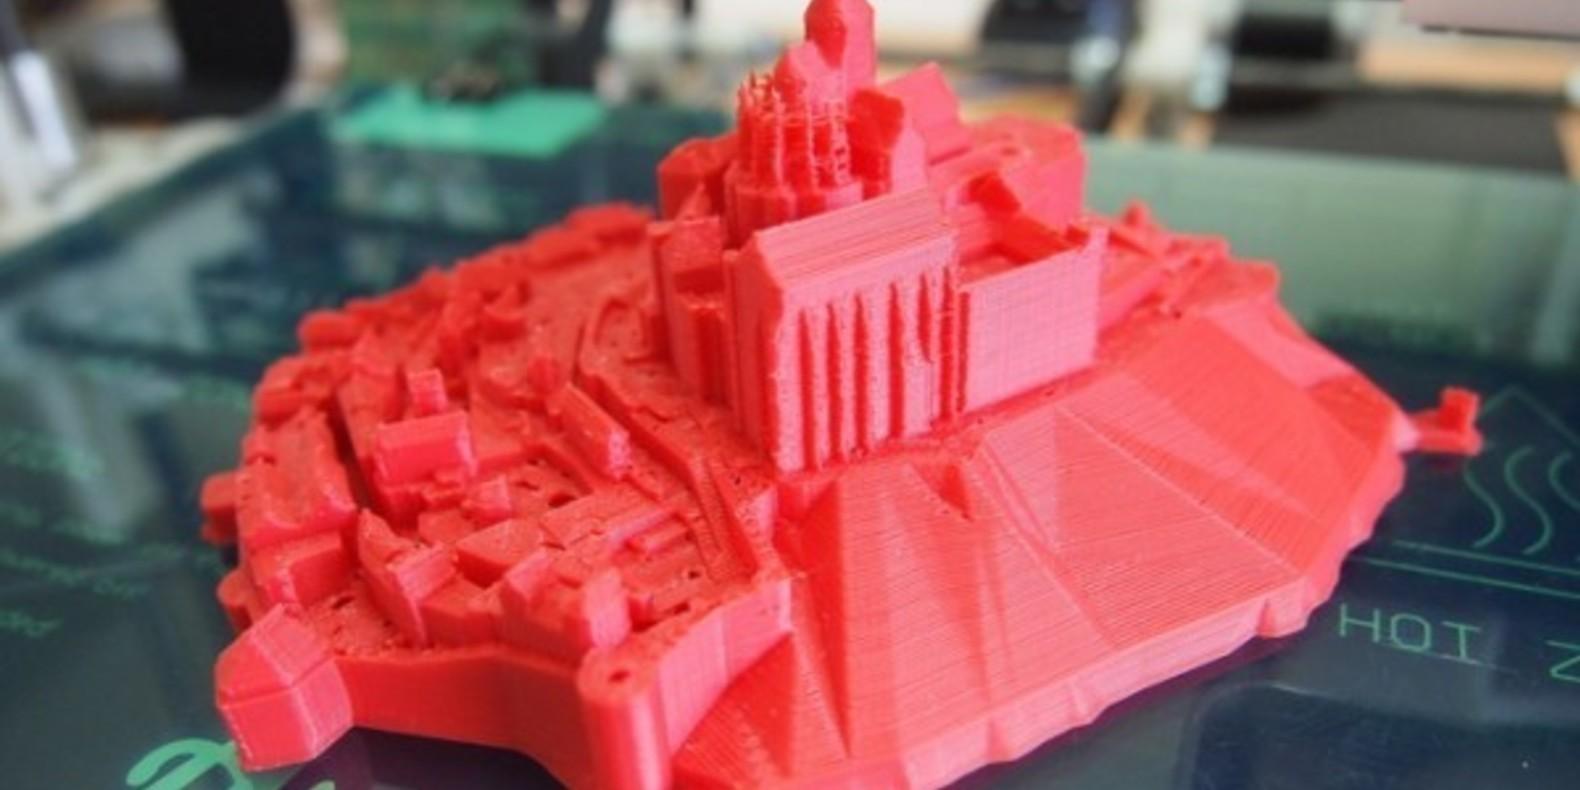 mont saint michel cults fichier 3D impression 3D imprimante shakera maker thingiverse 1